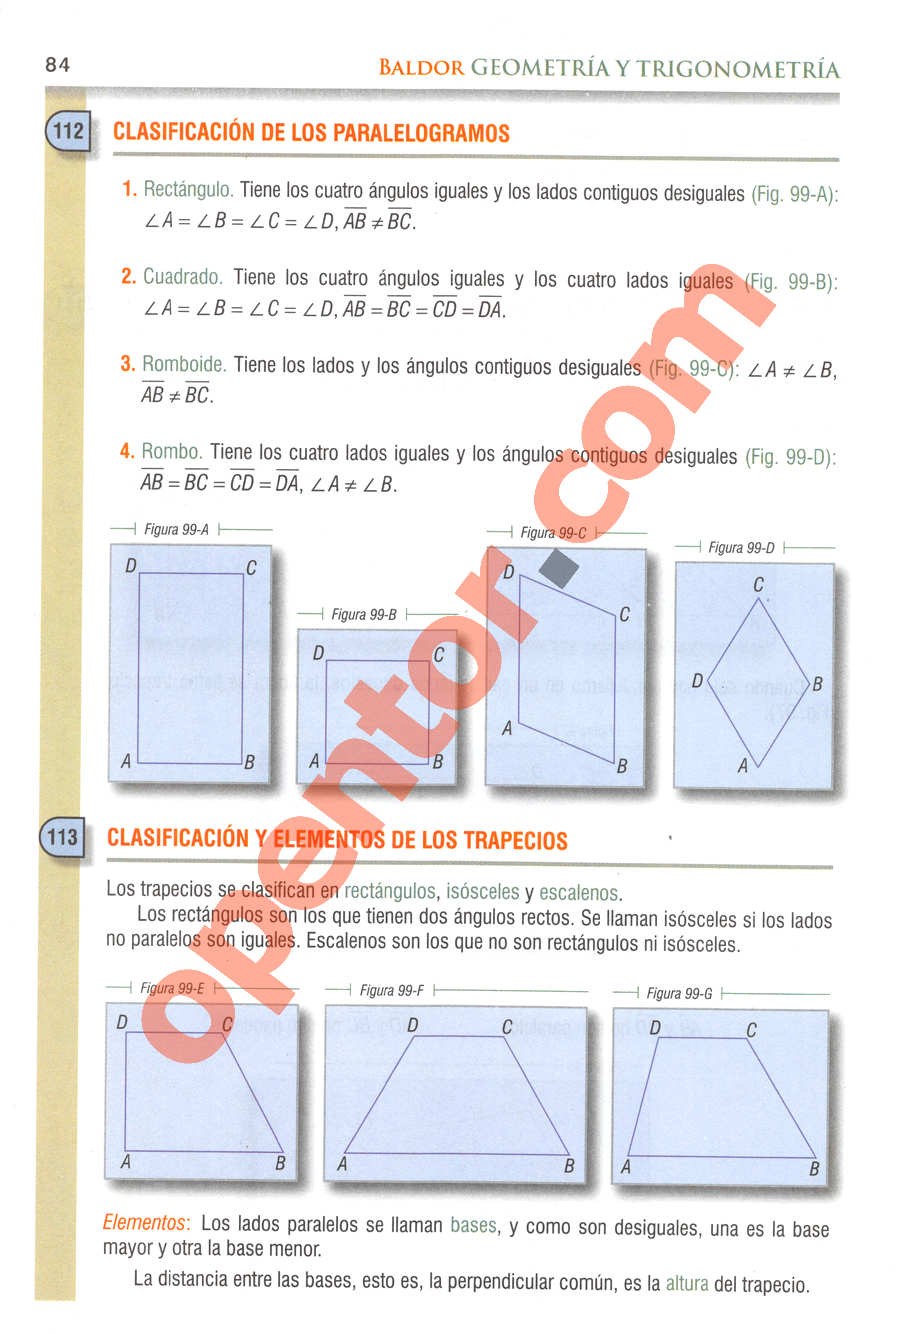 Geometría y Trigonometría de Baldor - Página 84